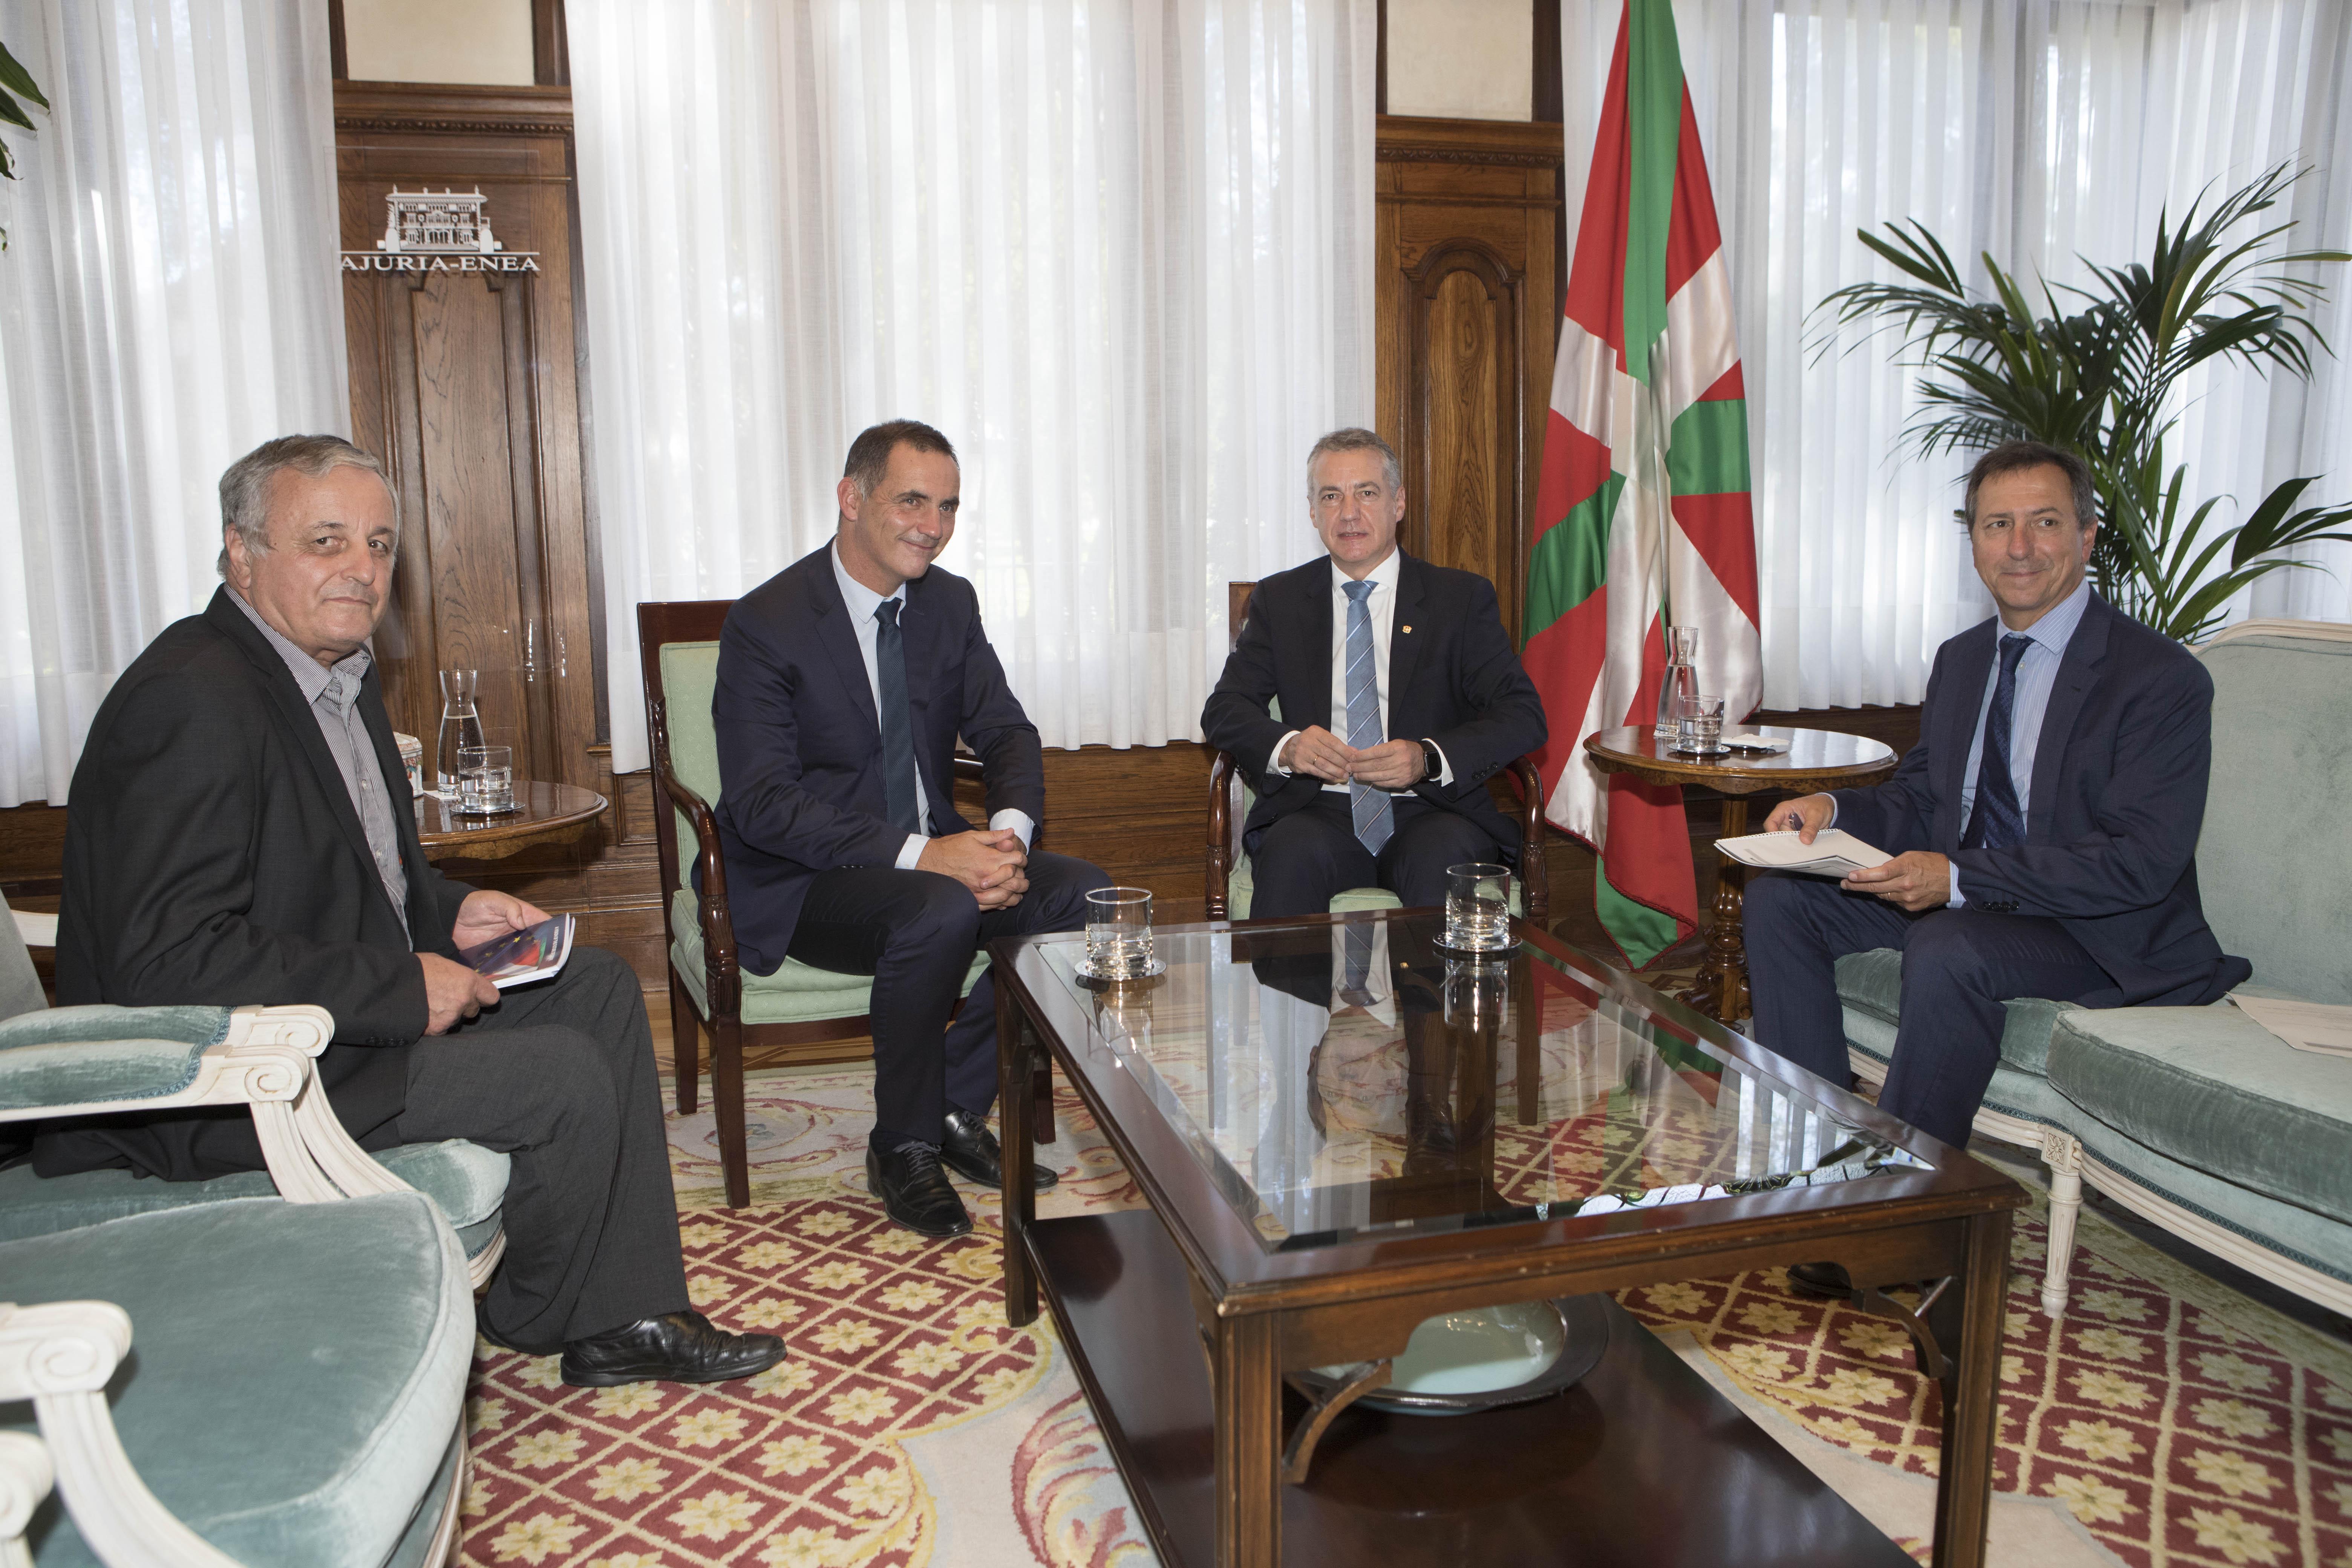 El Lehendakari recibe al Presidente de Córcega